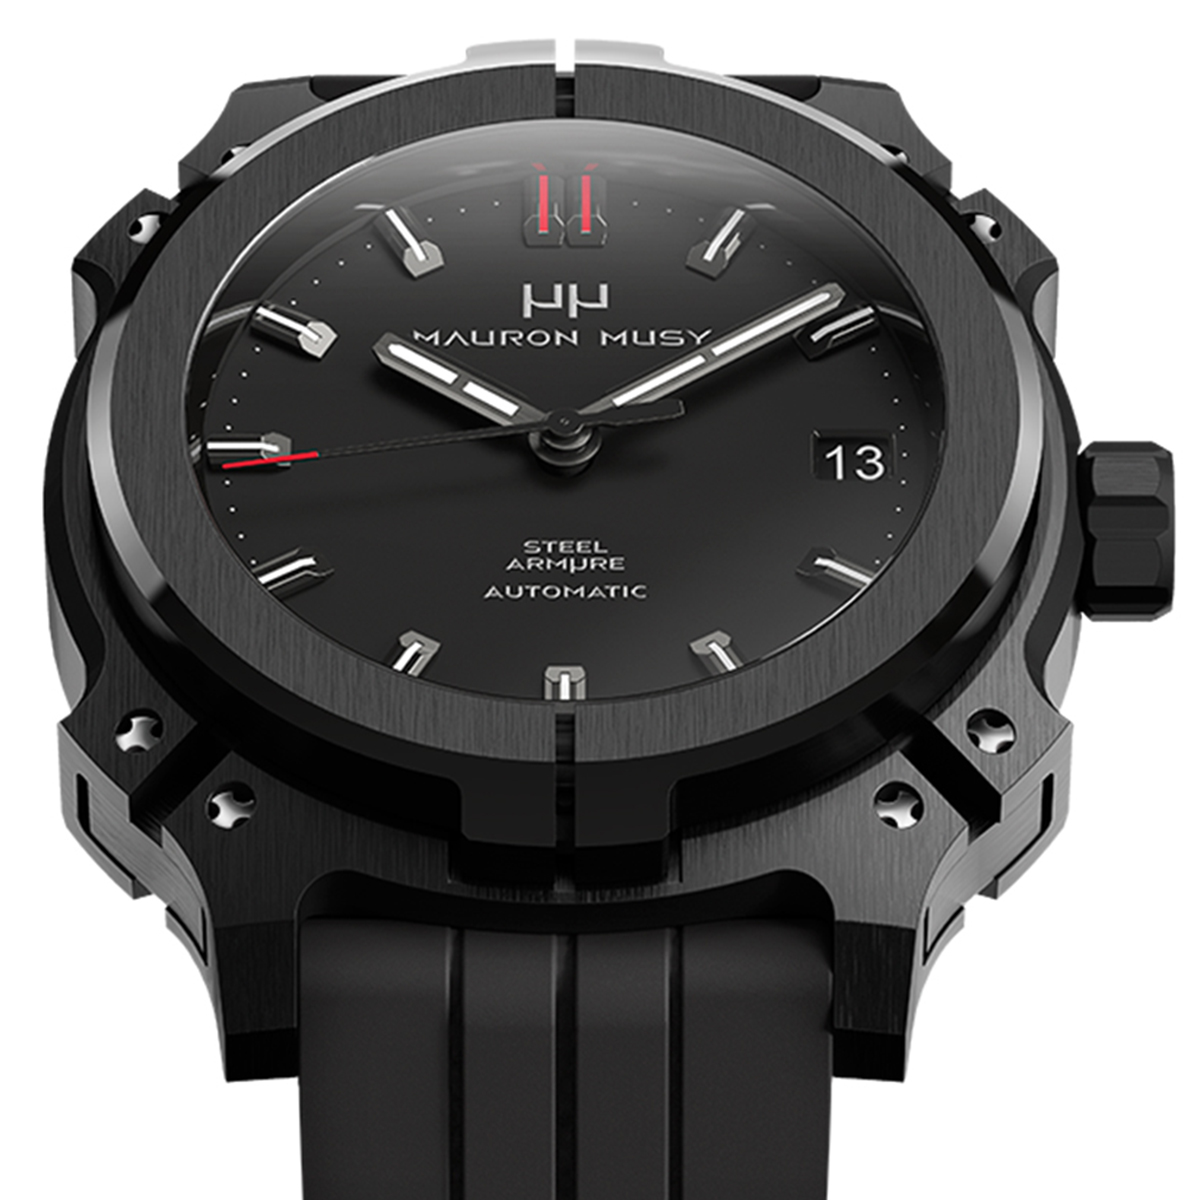 【残り1点】MAURON MUSY モーロン・ミュジー 自動巻き 腕時計 [MU01-101-BlackRubber]  デイト